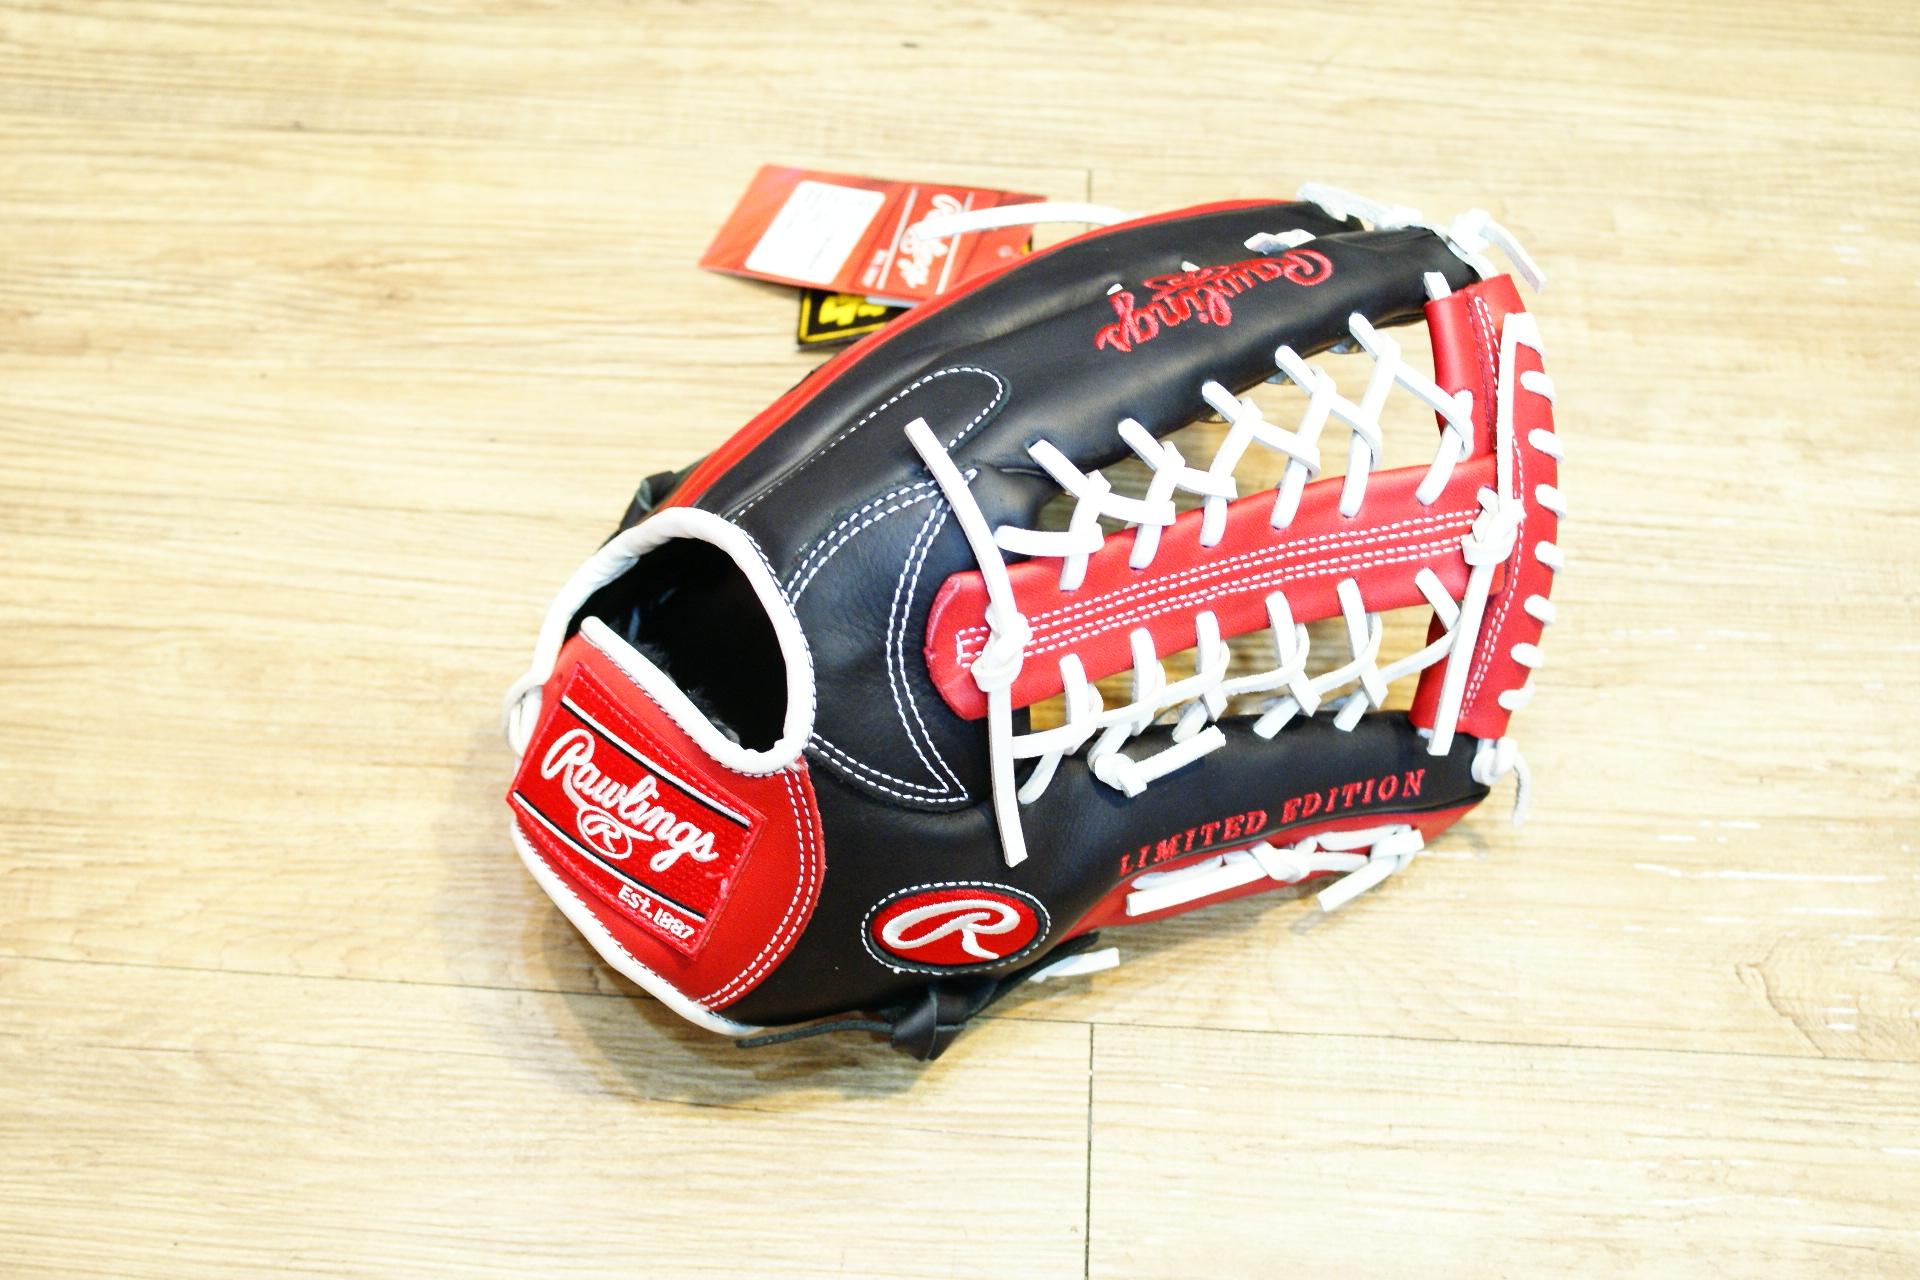 棒球世界全新日本進口Rawlings 棒球用手套特價 12.5吋 黑紅配色